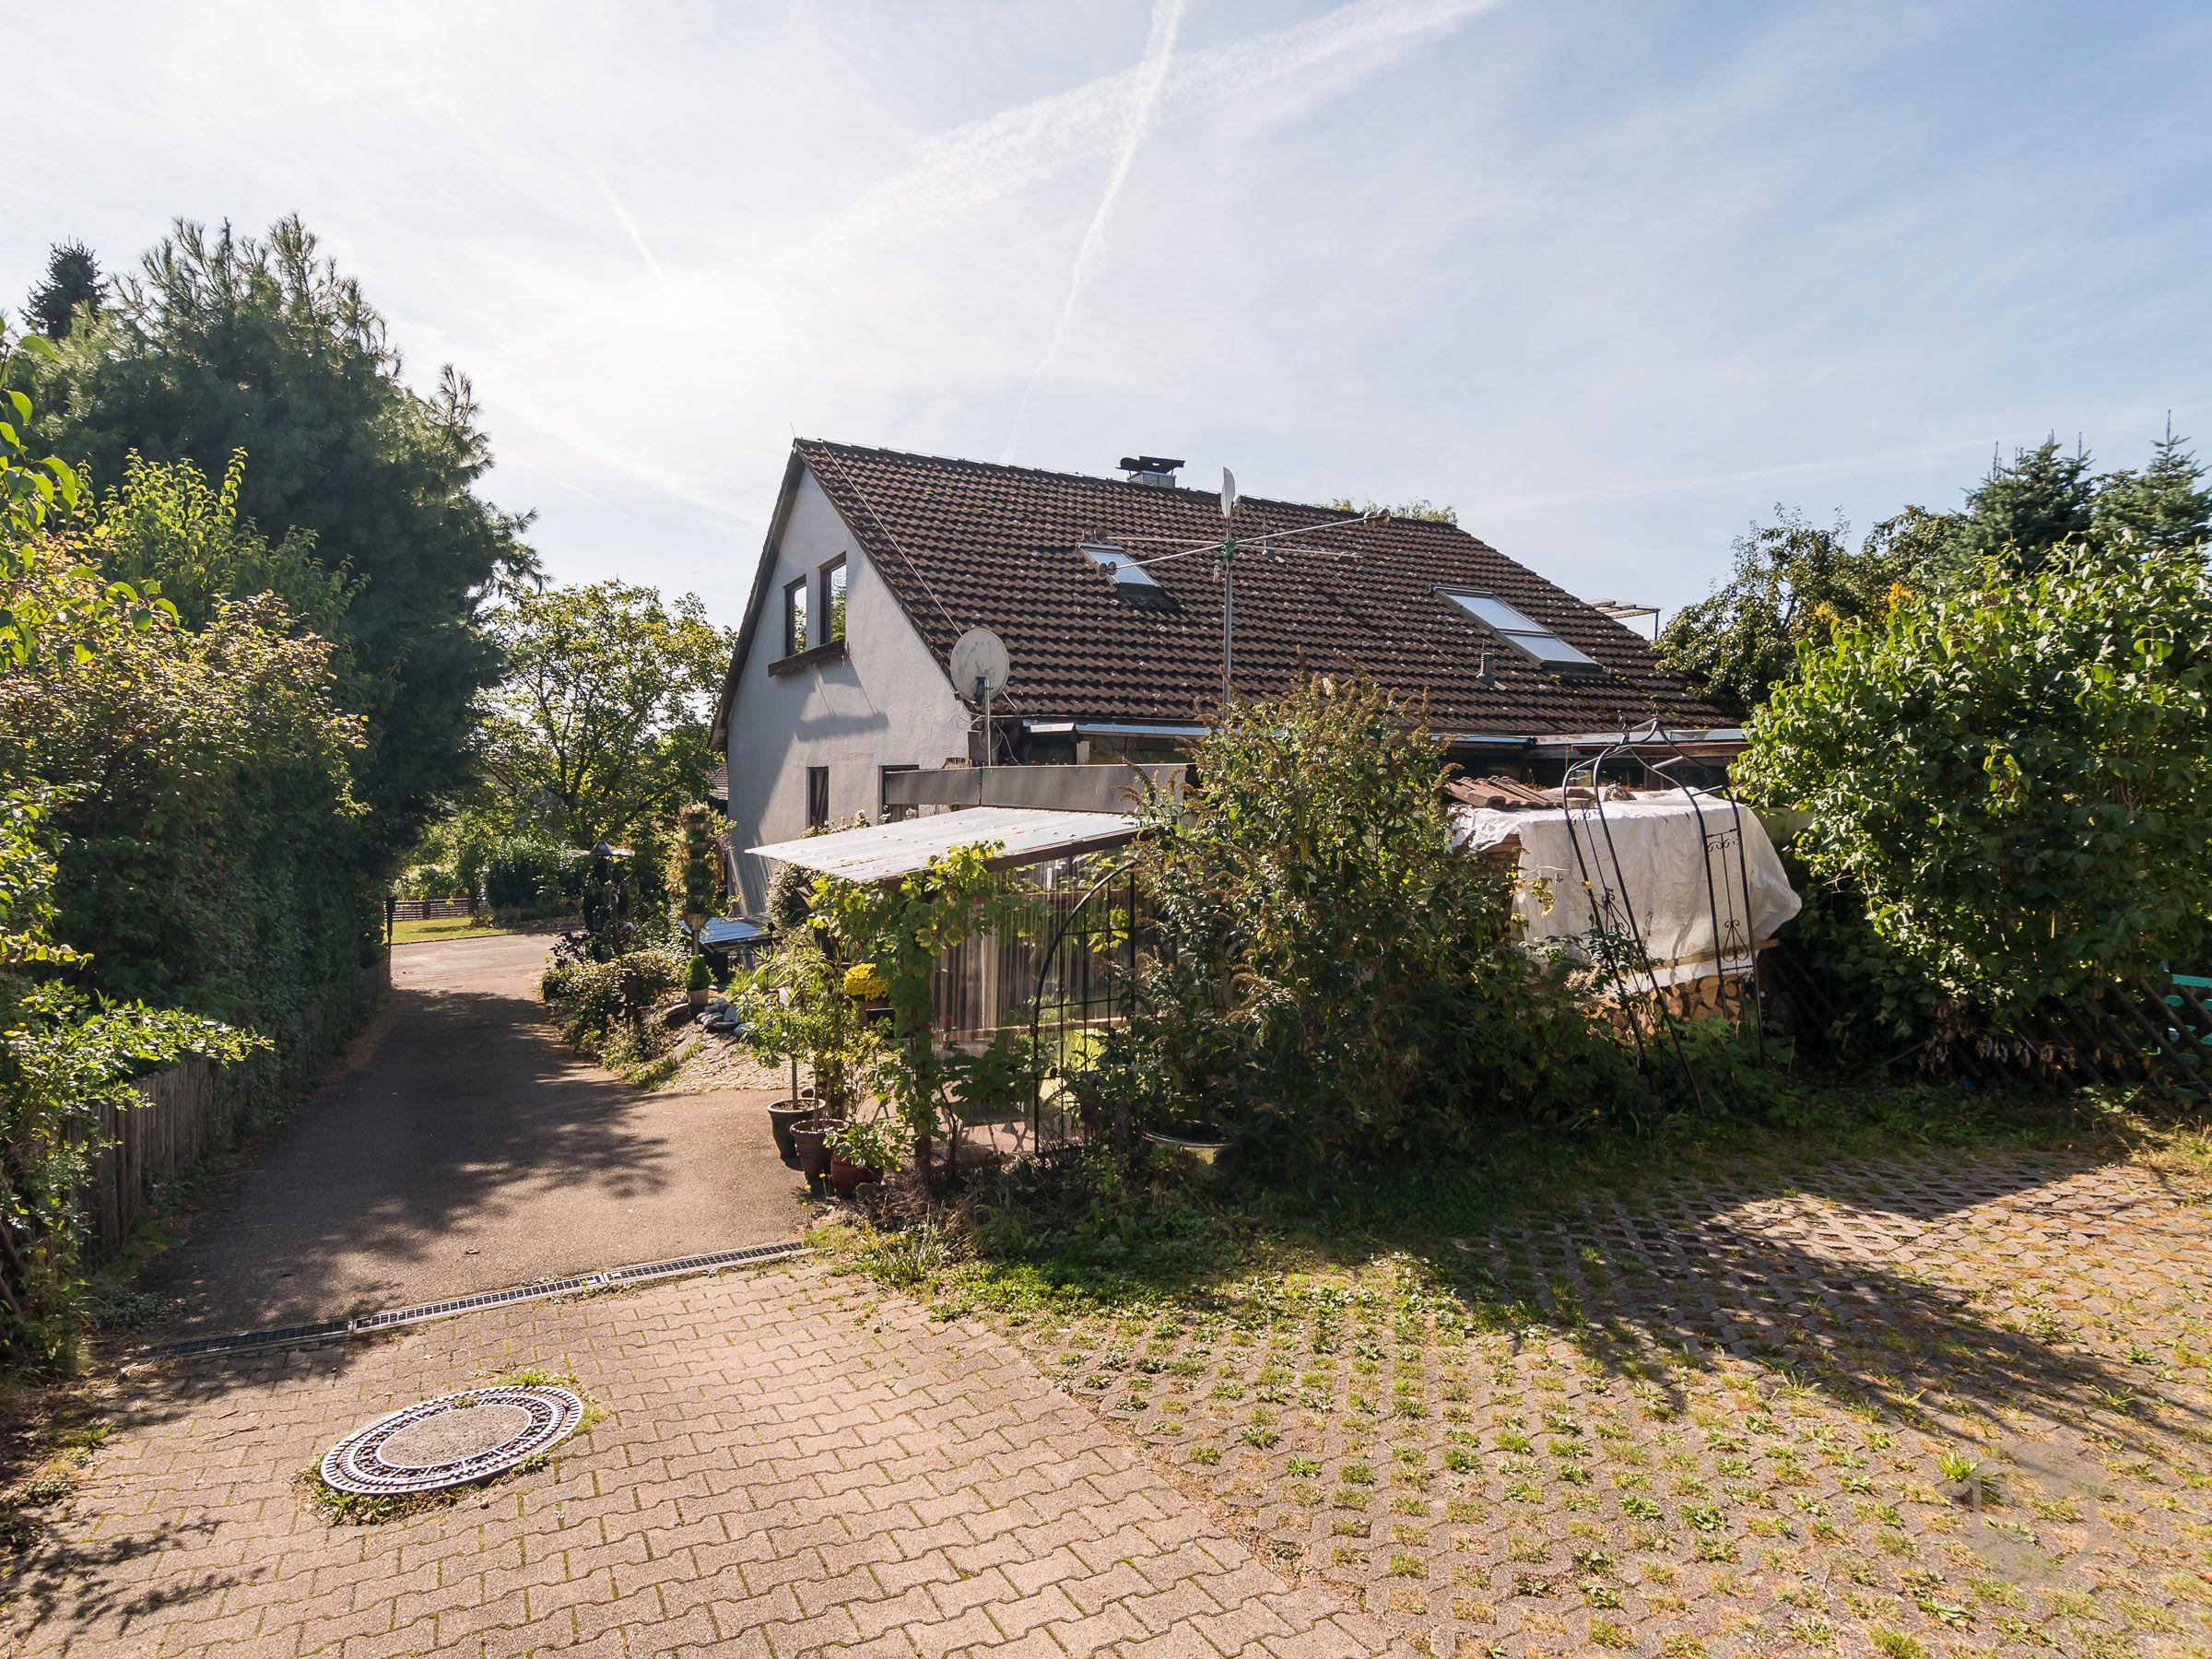 ... Umbeer (Schömberg). Doppelzimmer mit Balkon, Dusche und WC (1701731